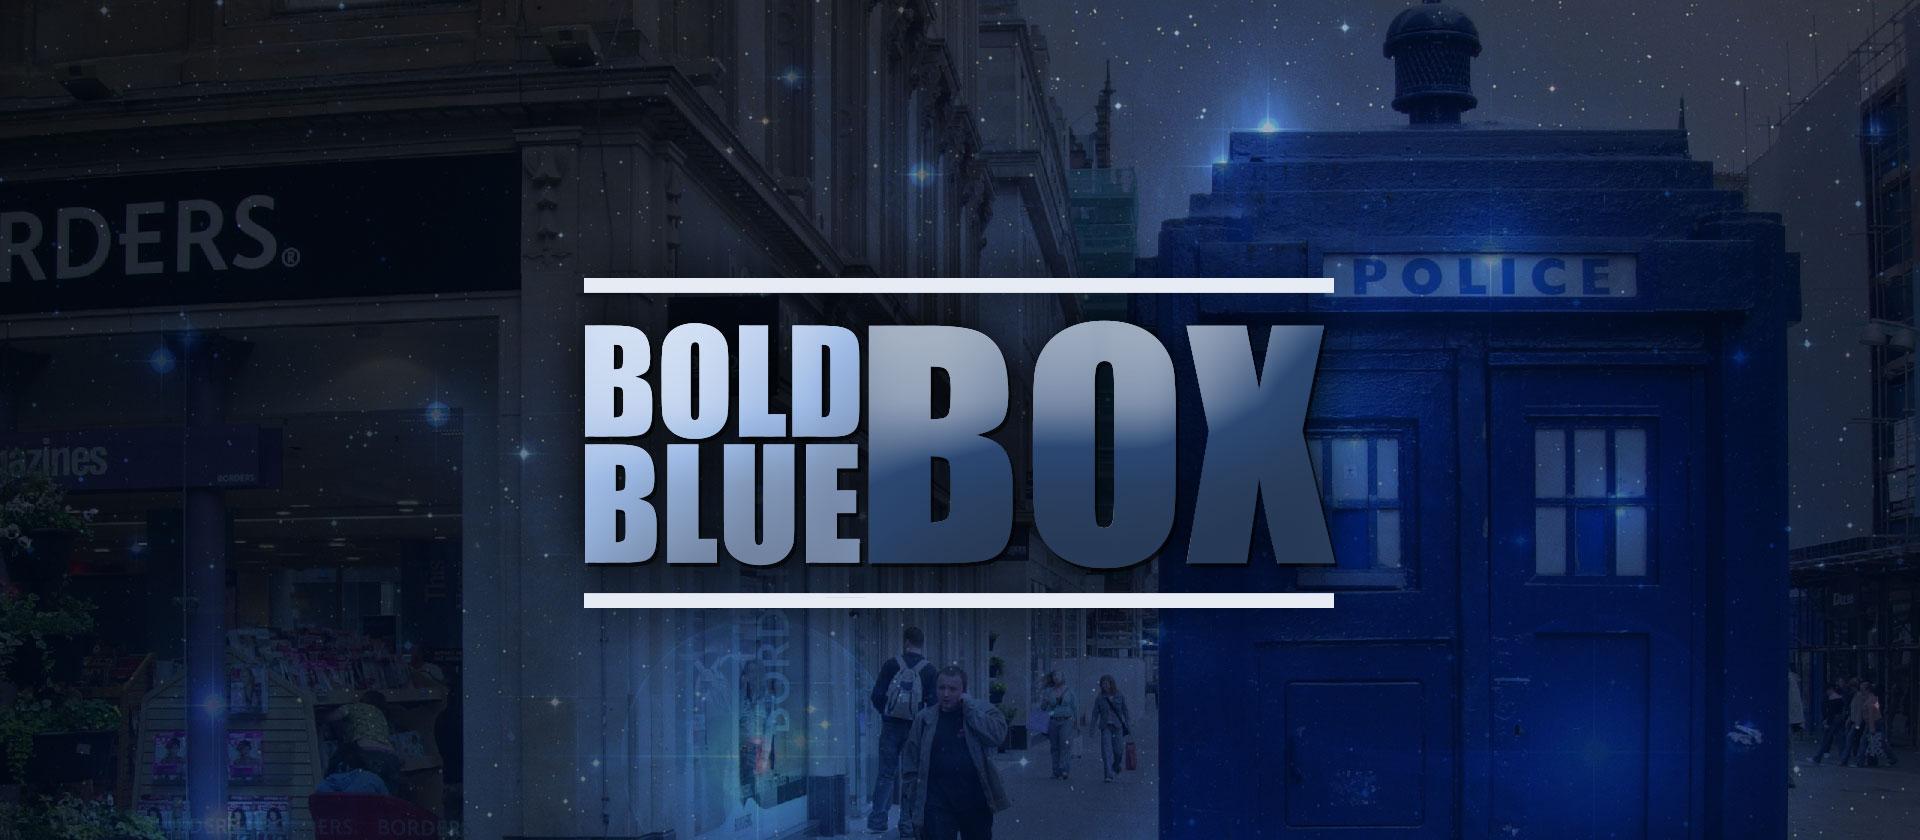 boldbluebox.com